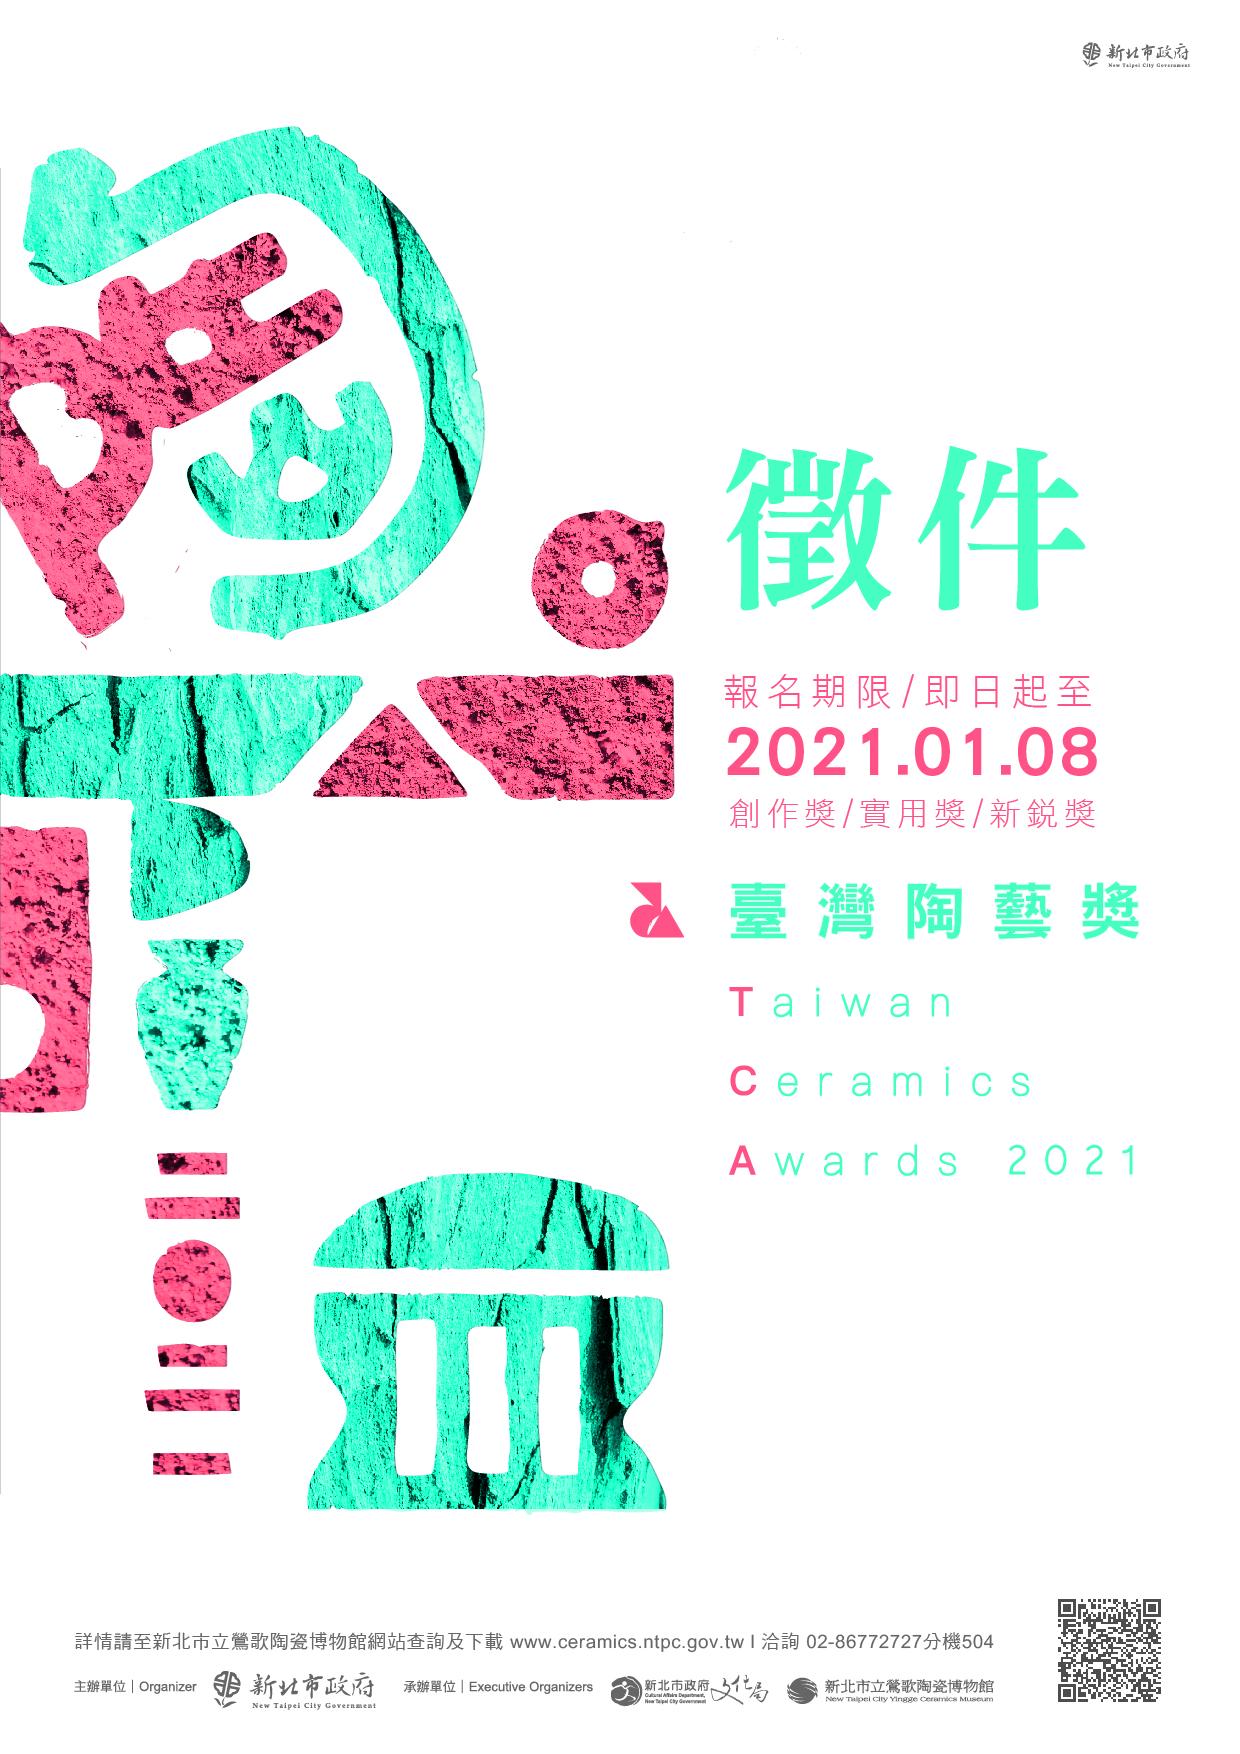 新北市立鶯歌陶瓷博物館:2020/10/30-2021/1/8【2021臺灣陶藝獎報名】